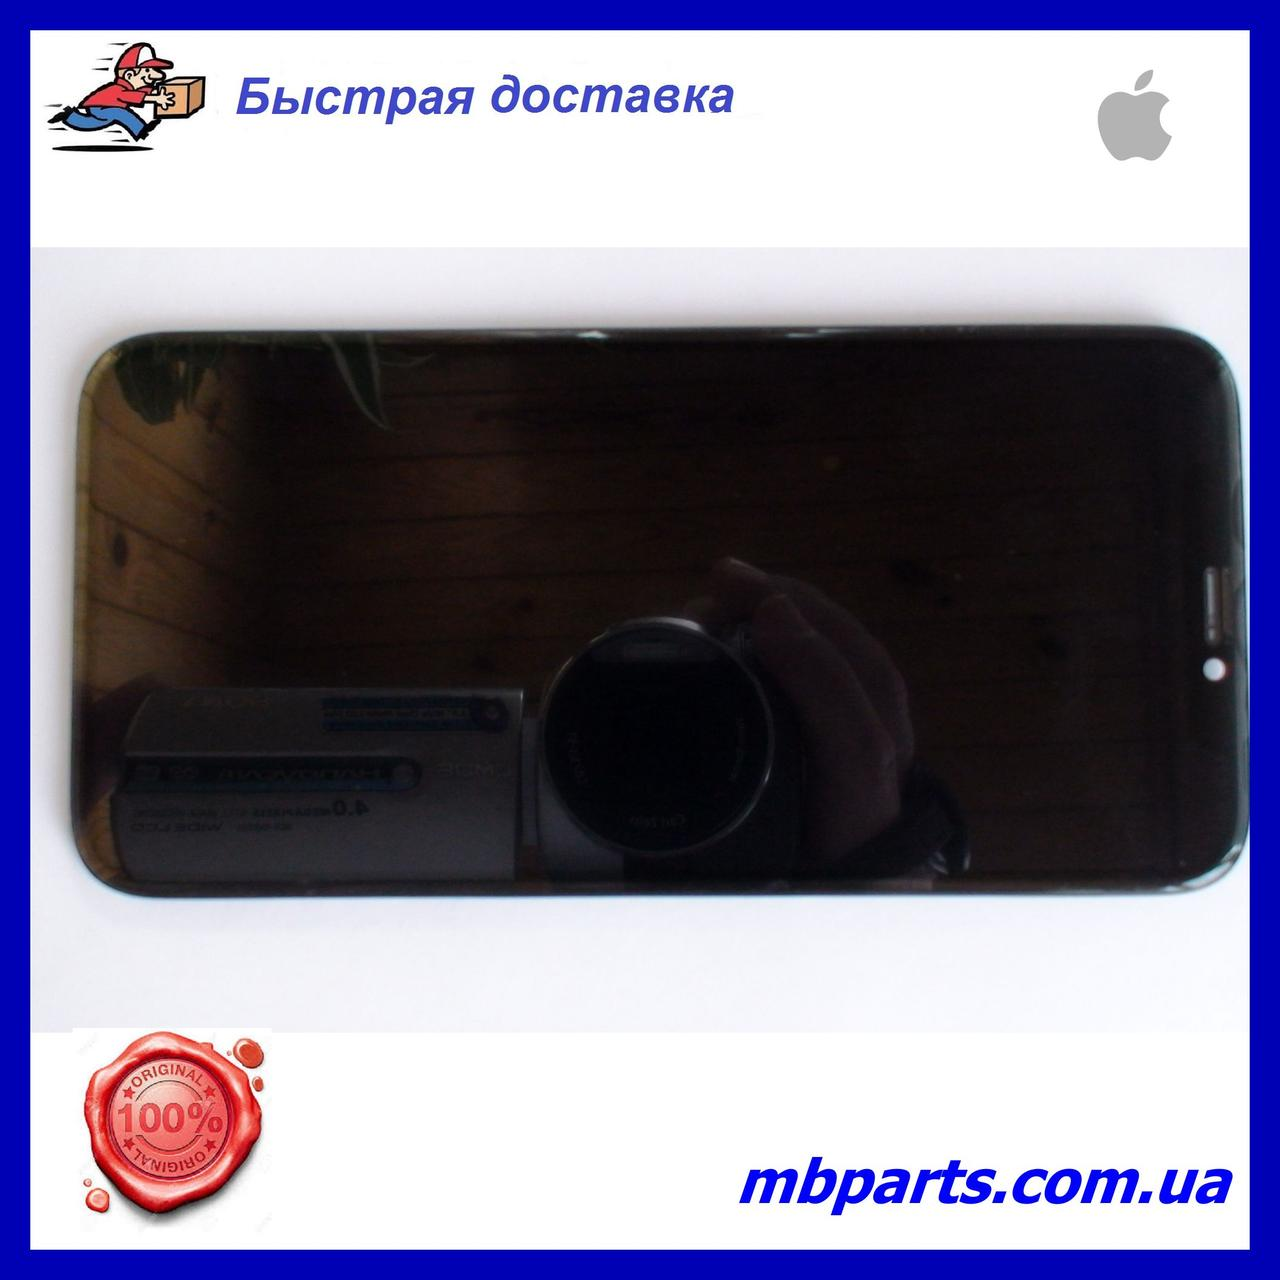 """Дисплей iPhone X (5.8"""") Black, оригінал з рамкою (відновлене скло)"""